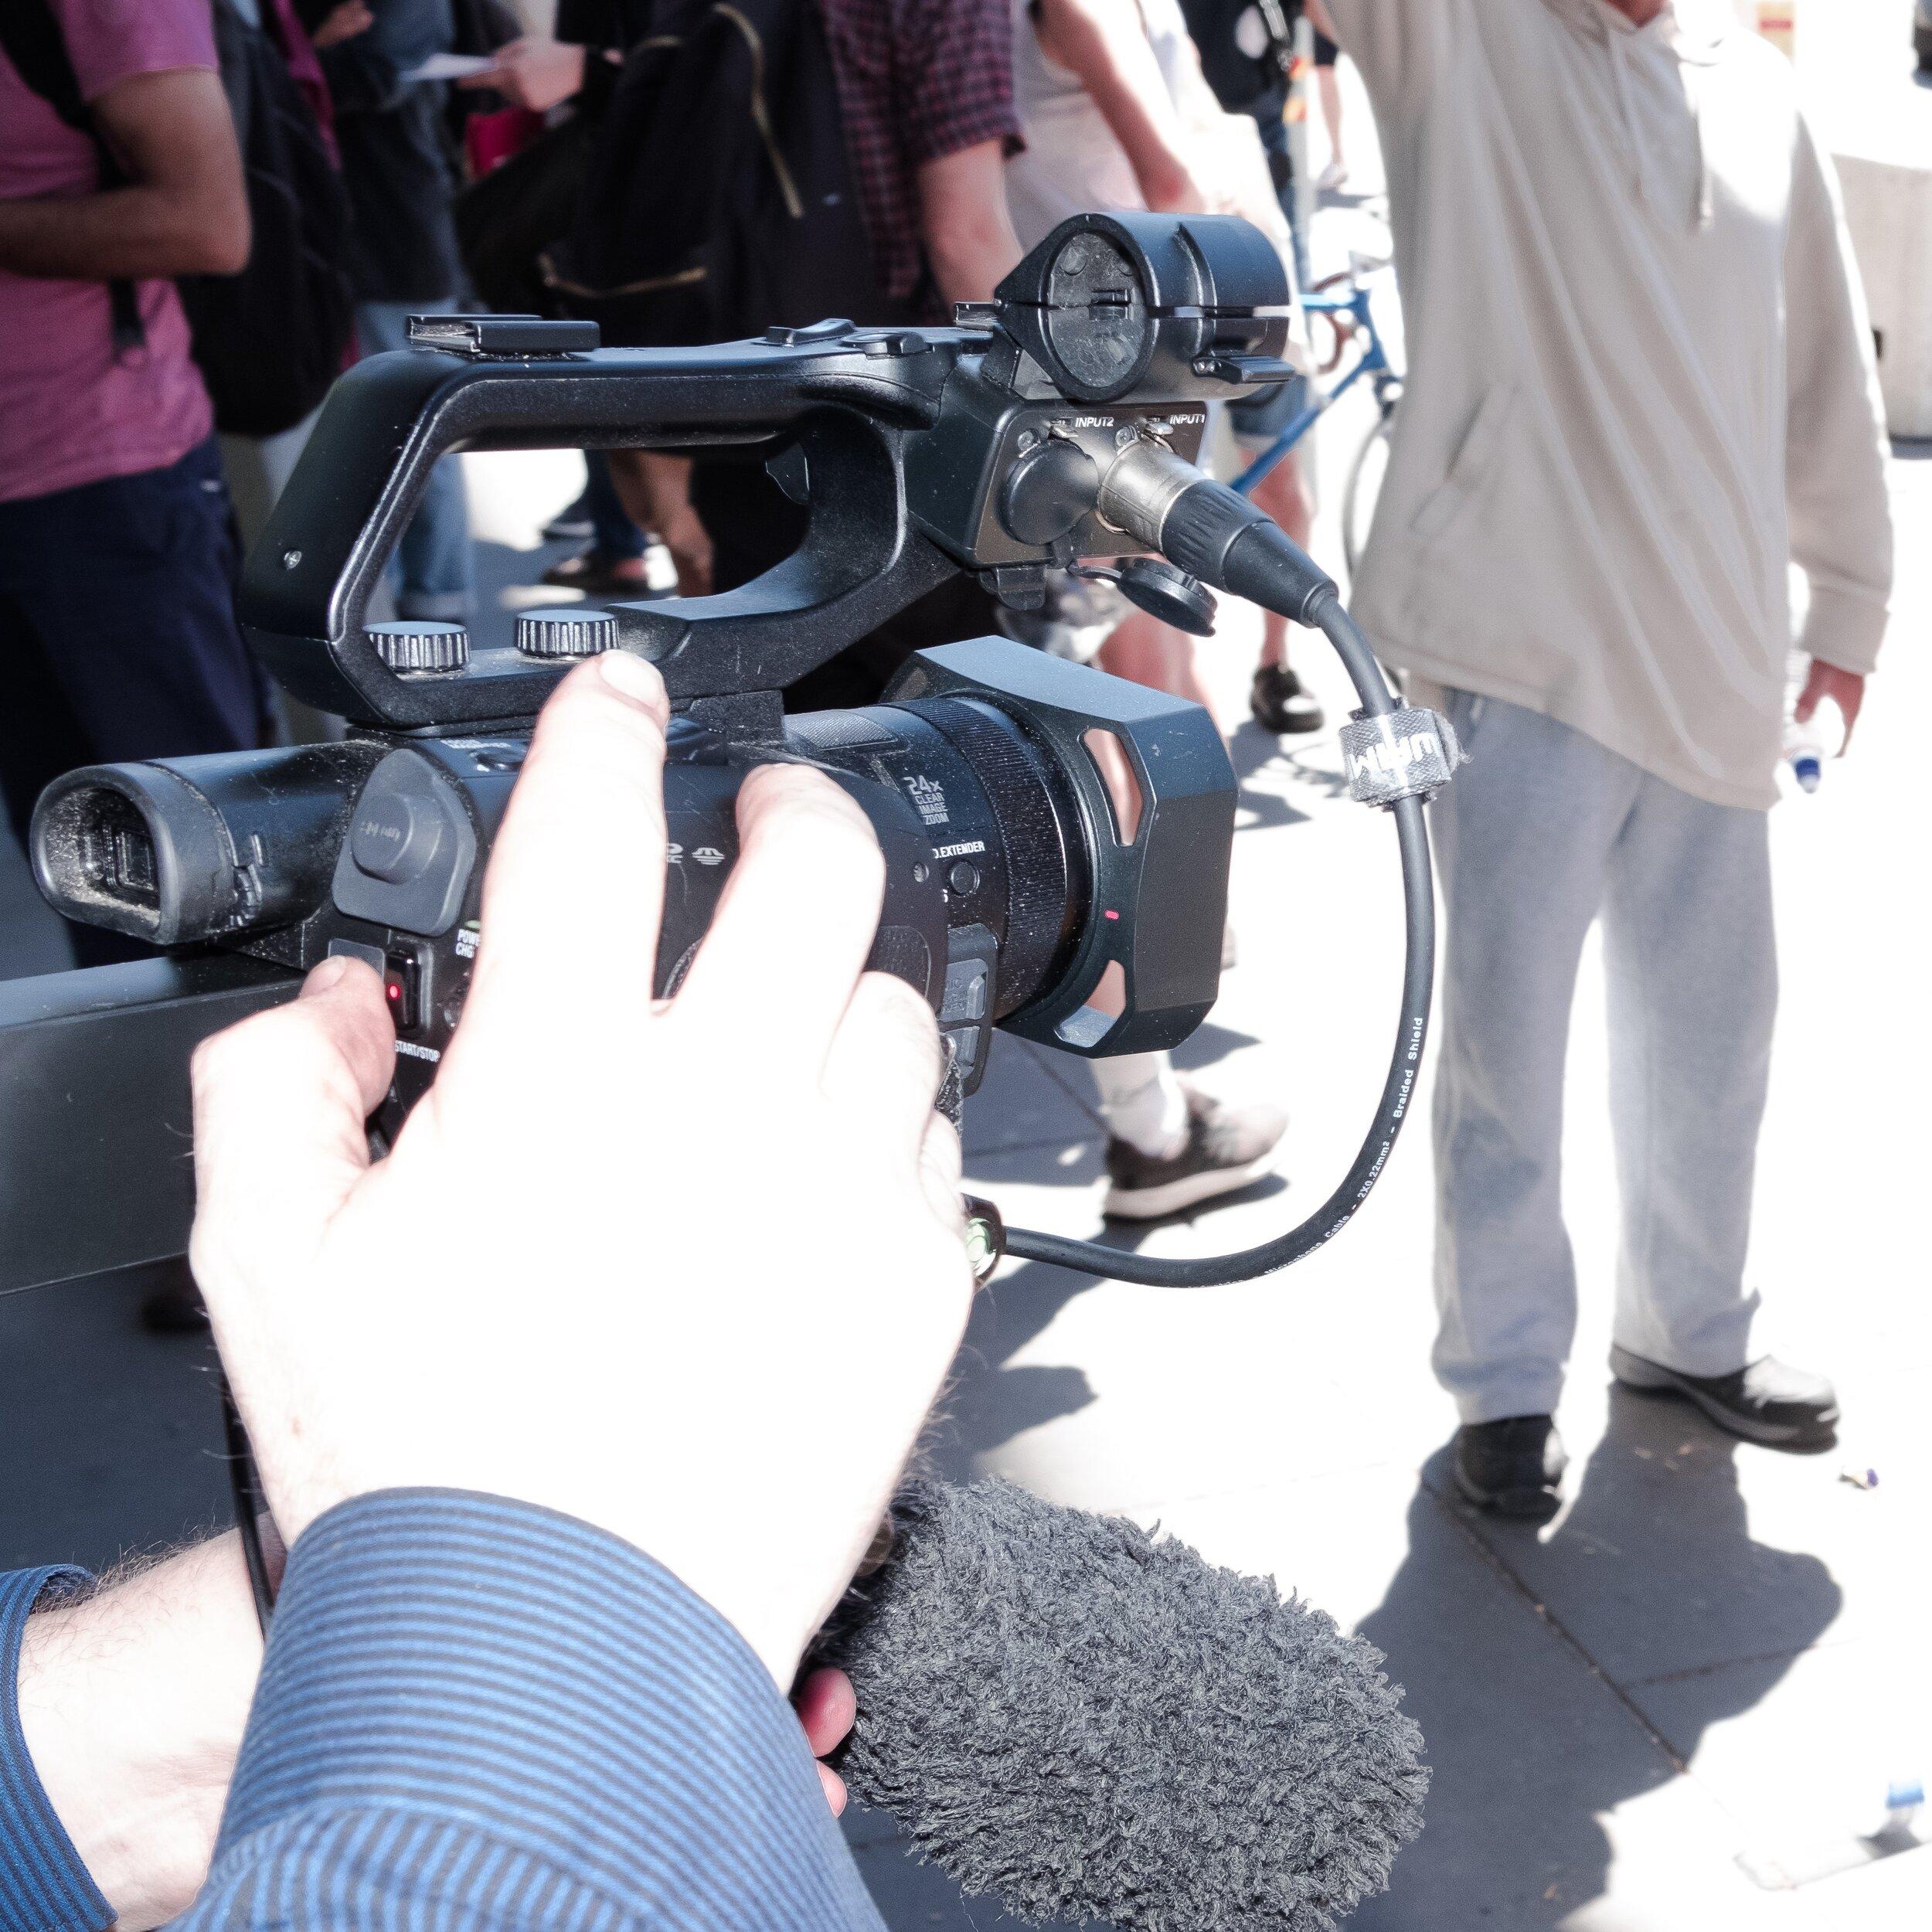 A journalist's camera. (Photo: Jeremy Gan)